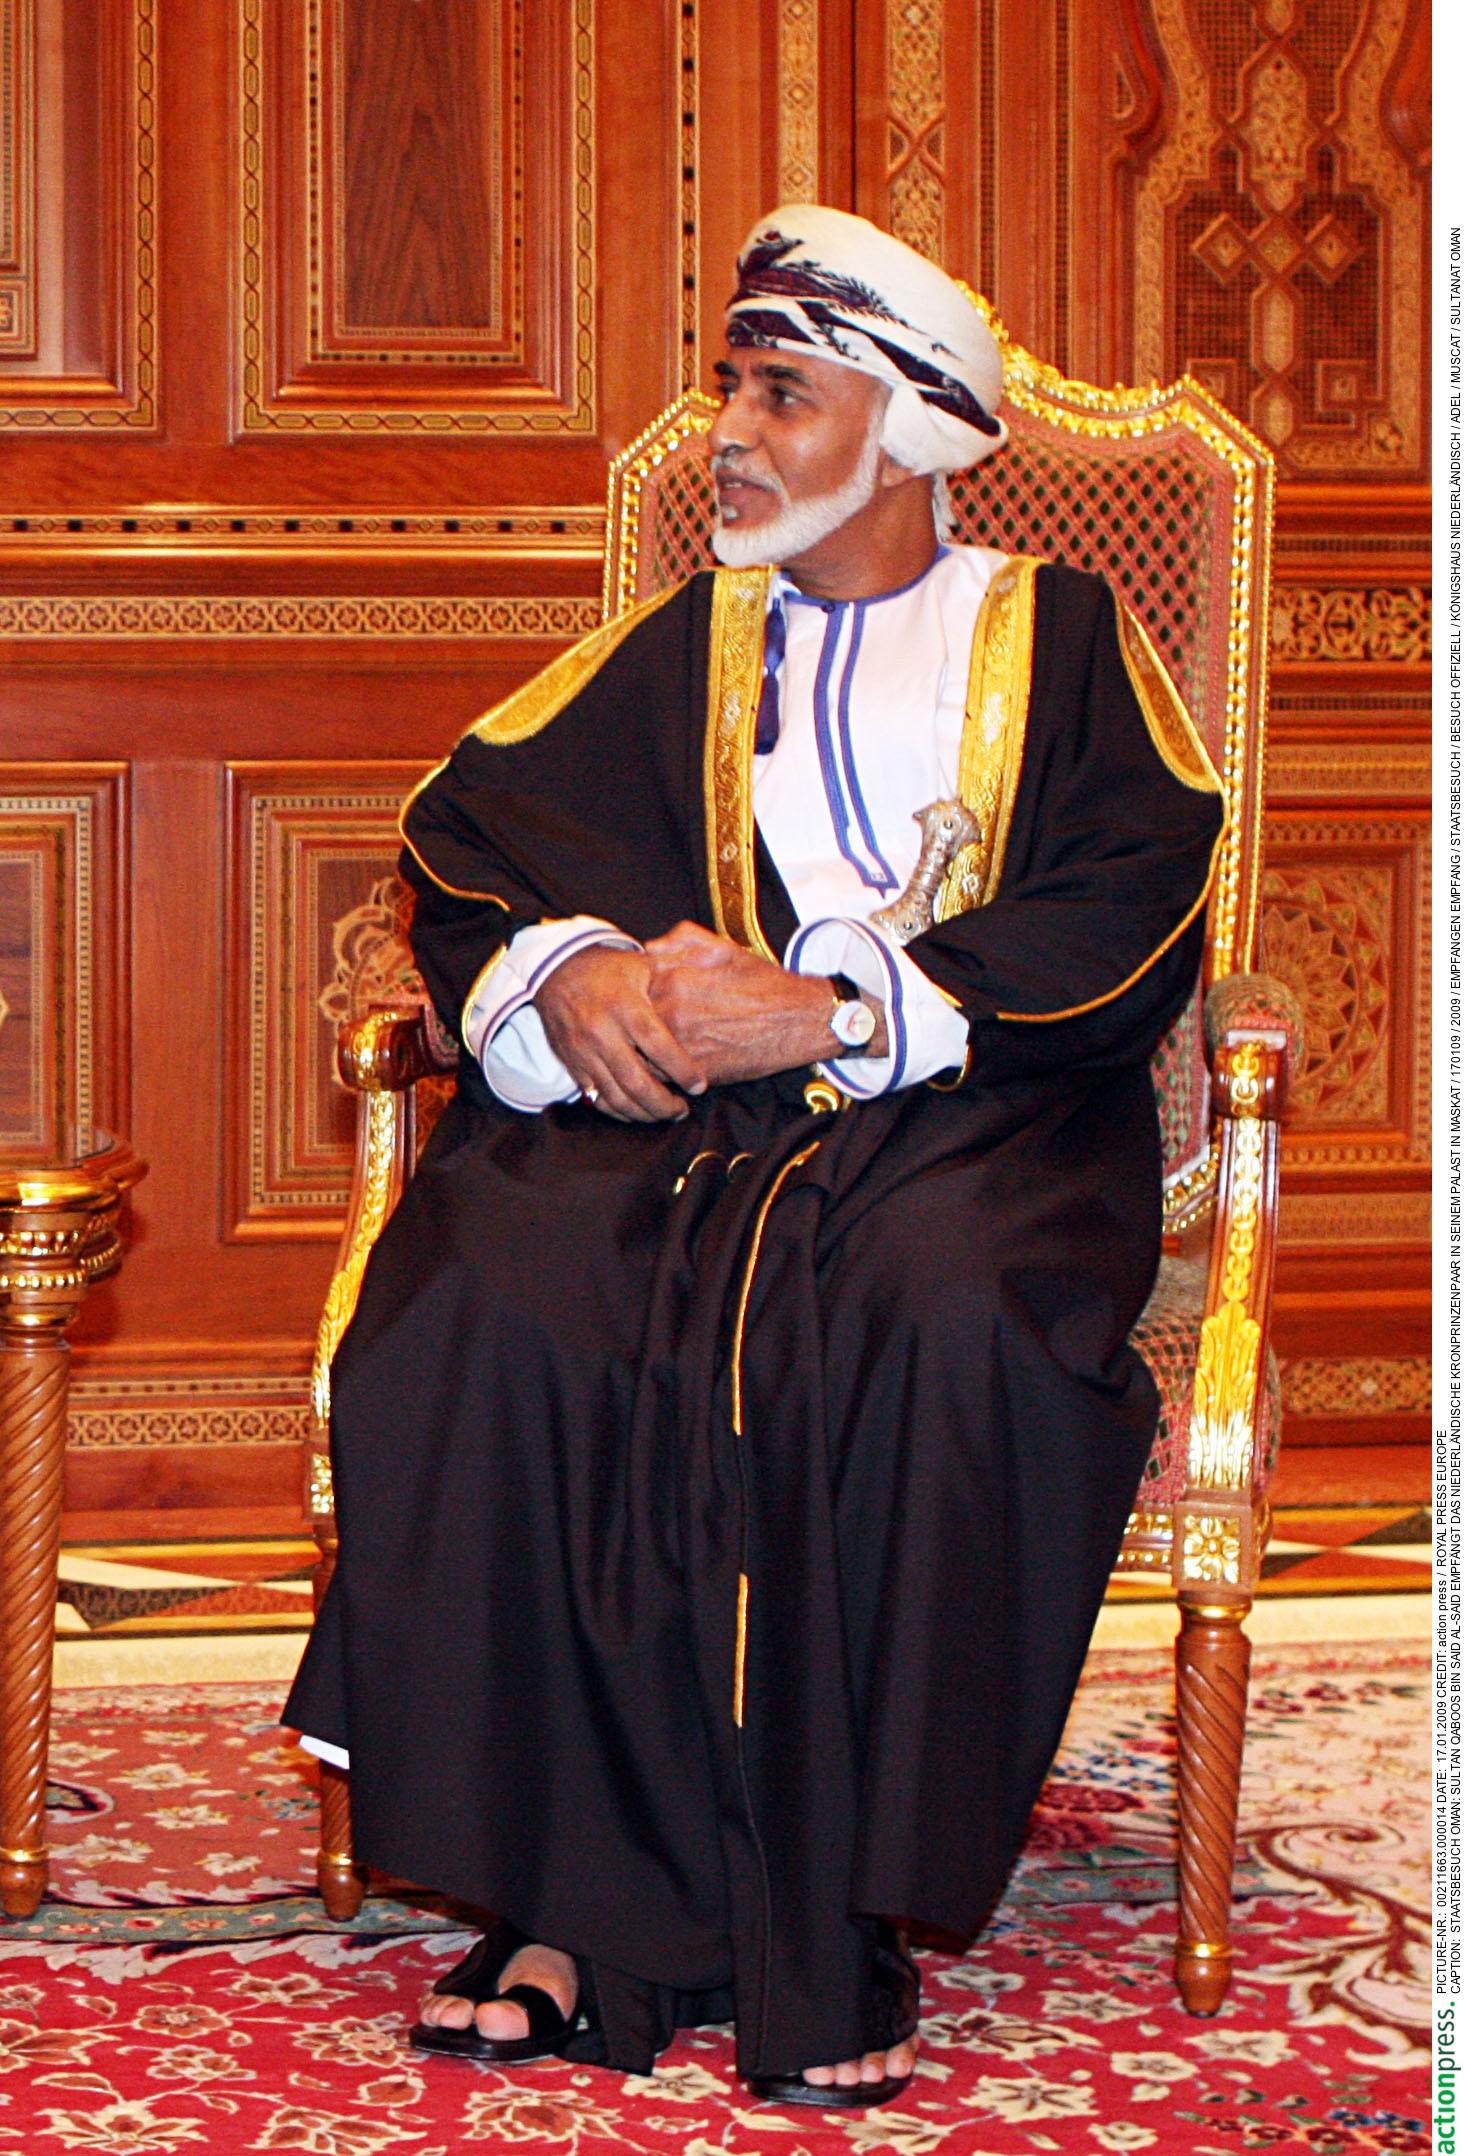 Doliu în Oman după decesul sultanului Qaboos